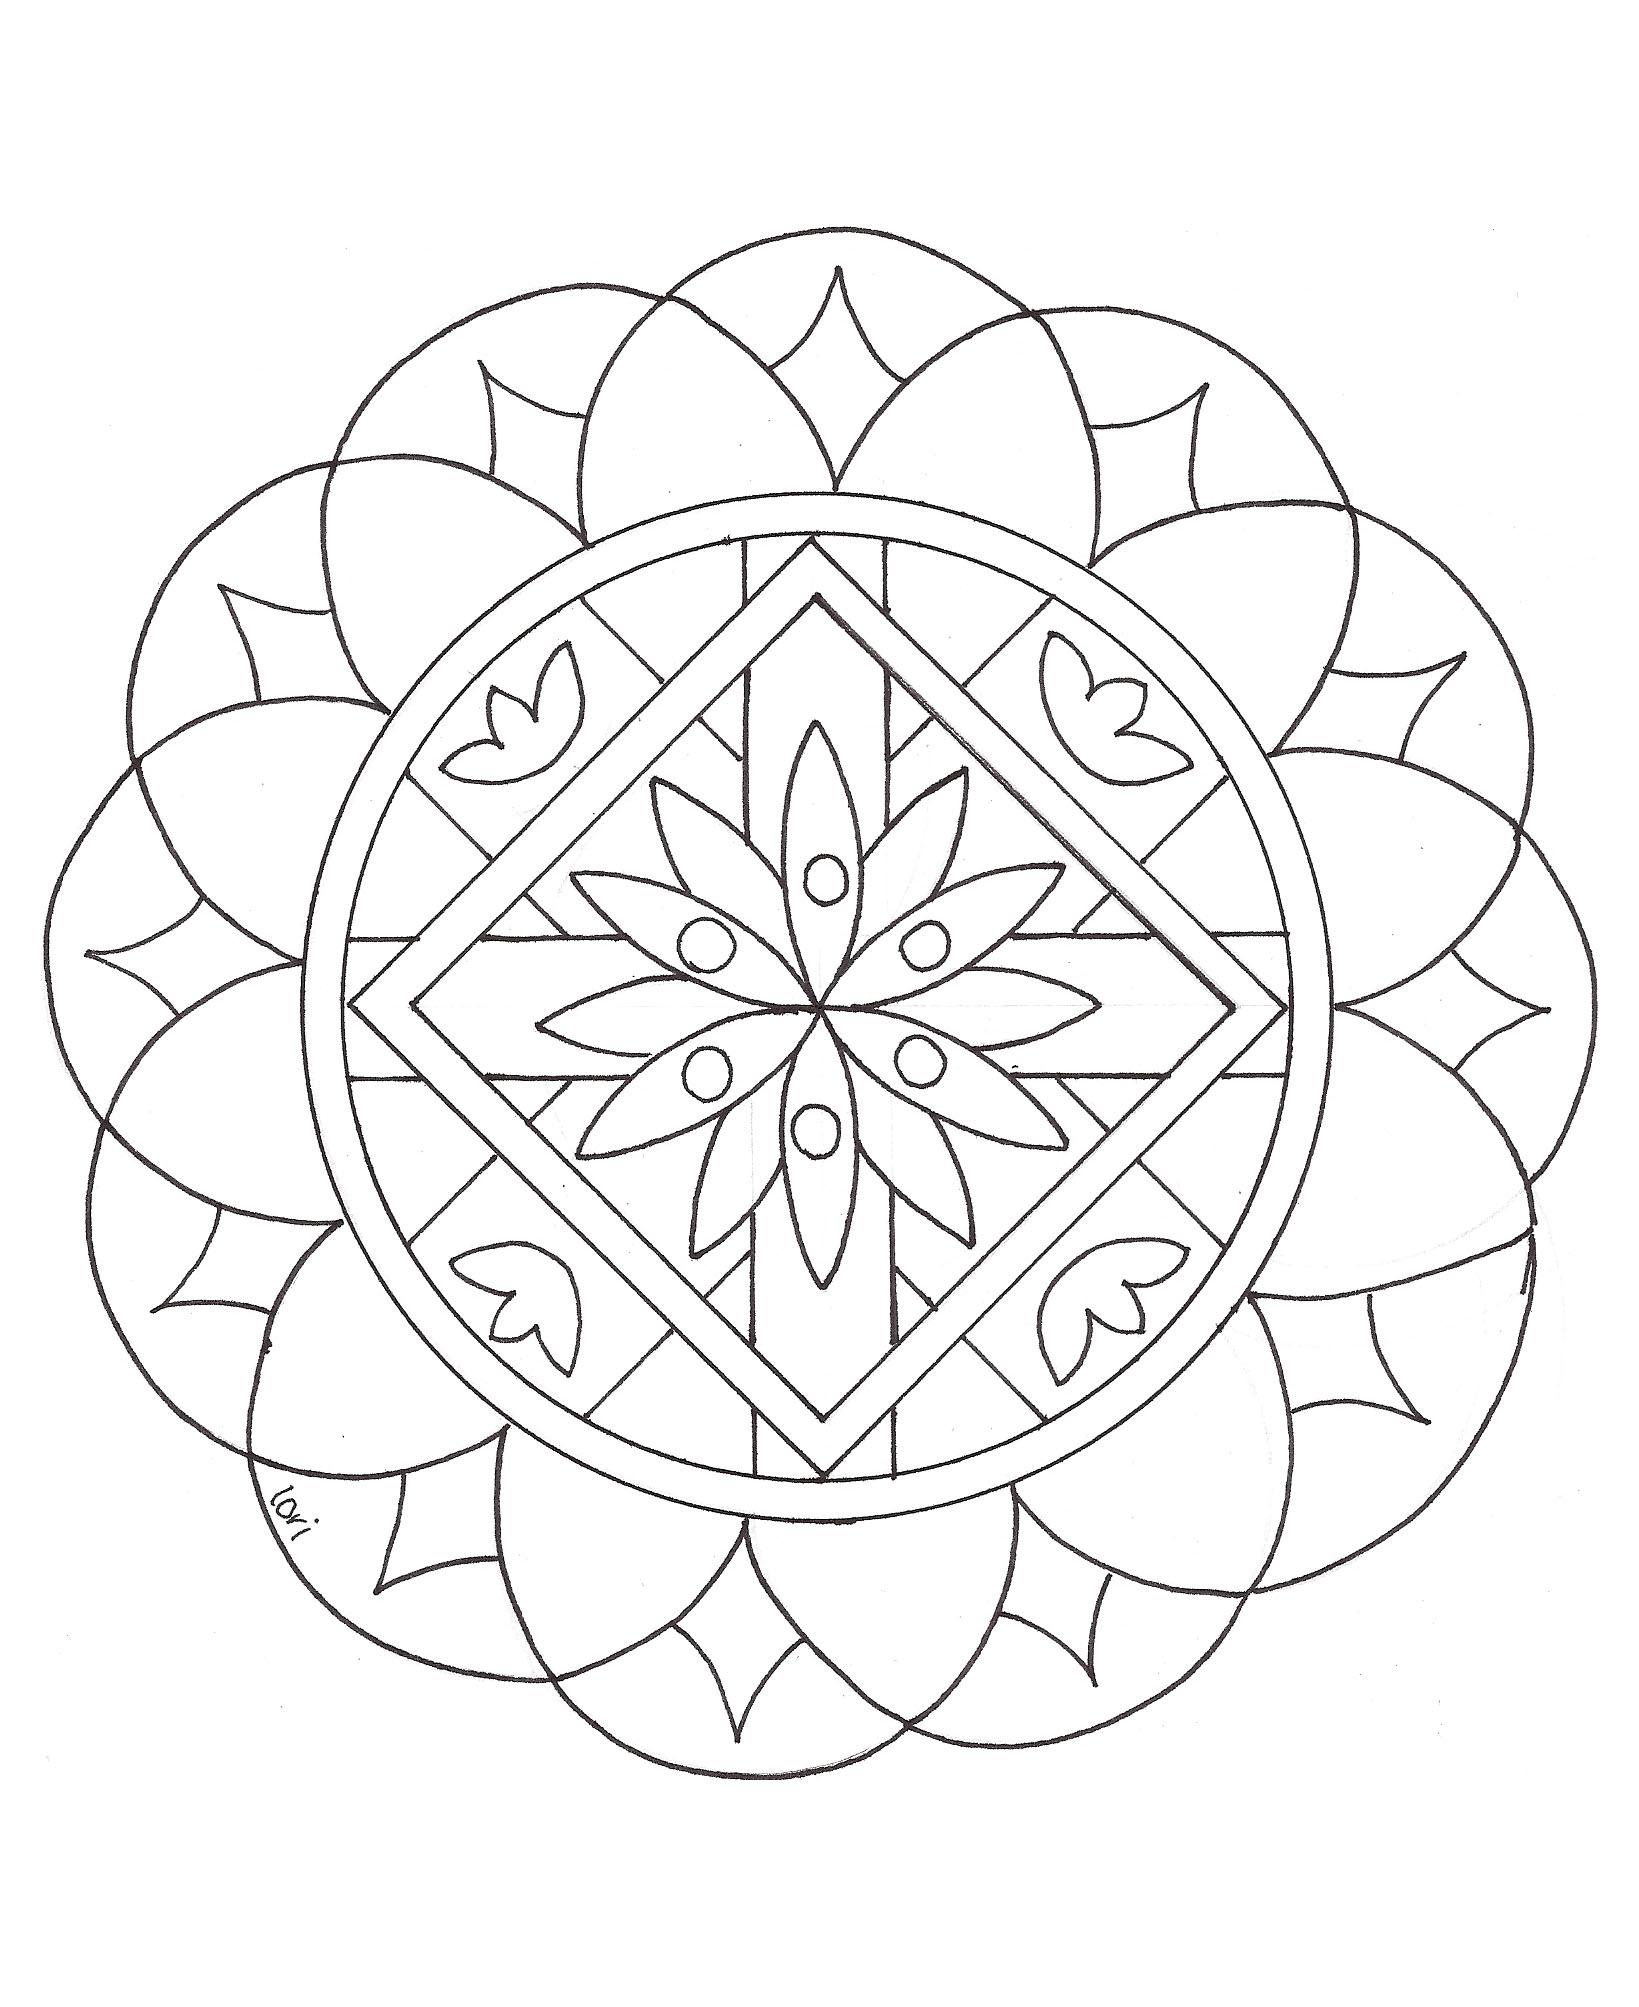 mandala a imprimer 2 coloriage mandalas coloriages pour enfants page 2. Black Bedroom Furniture Sets. Home Design Ideas